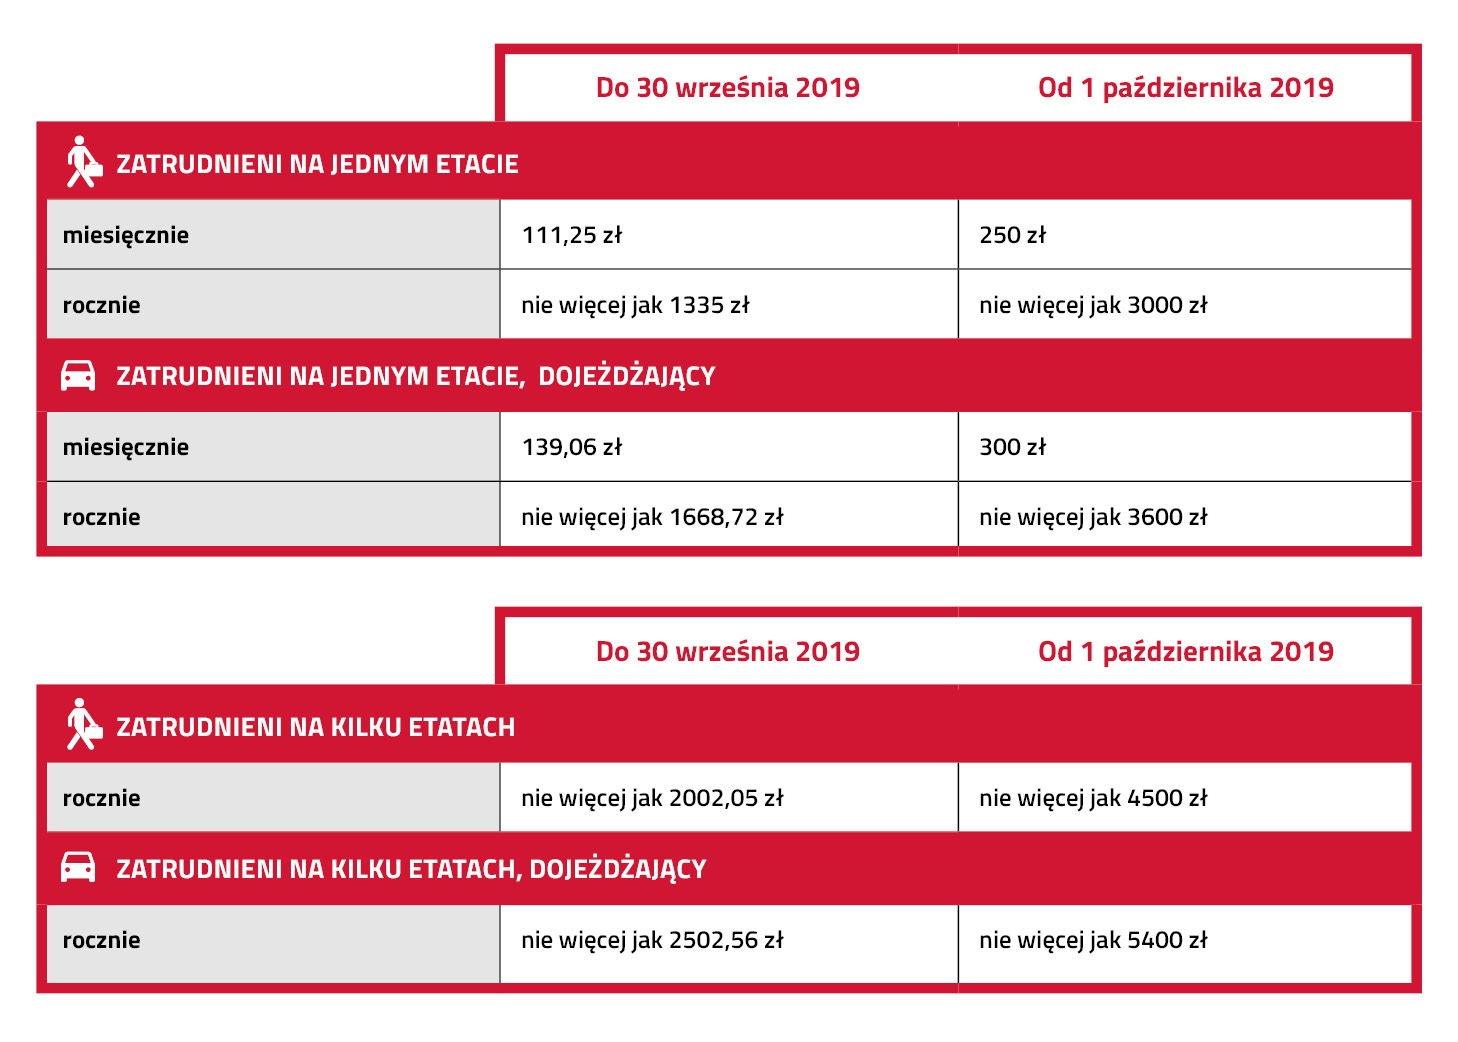 Tabela prezentująca zmianę kosztów uzysaknia przychodu w zwiazku z obniżeniem skali podatkowej od 1 października 2019 r.